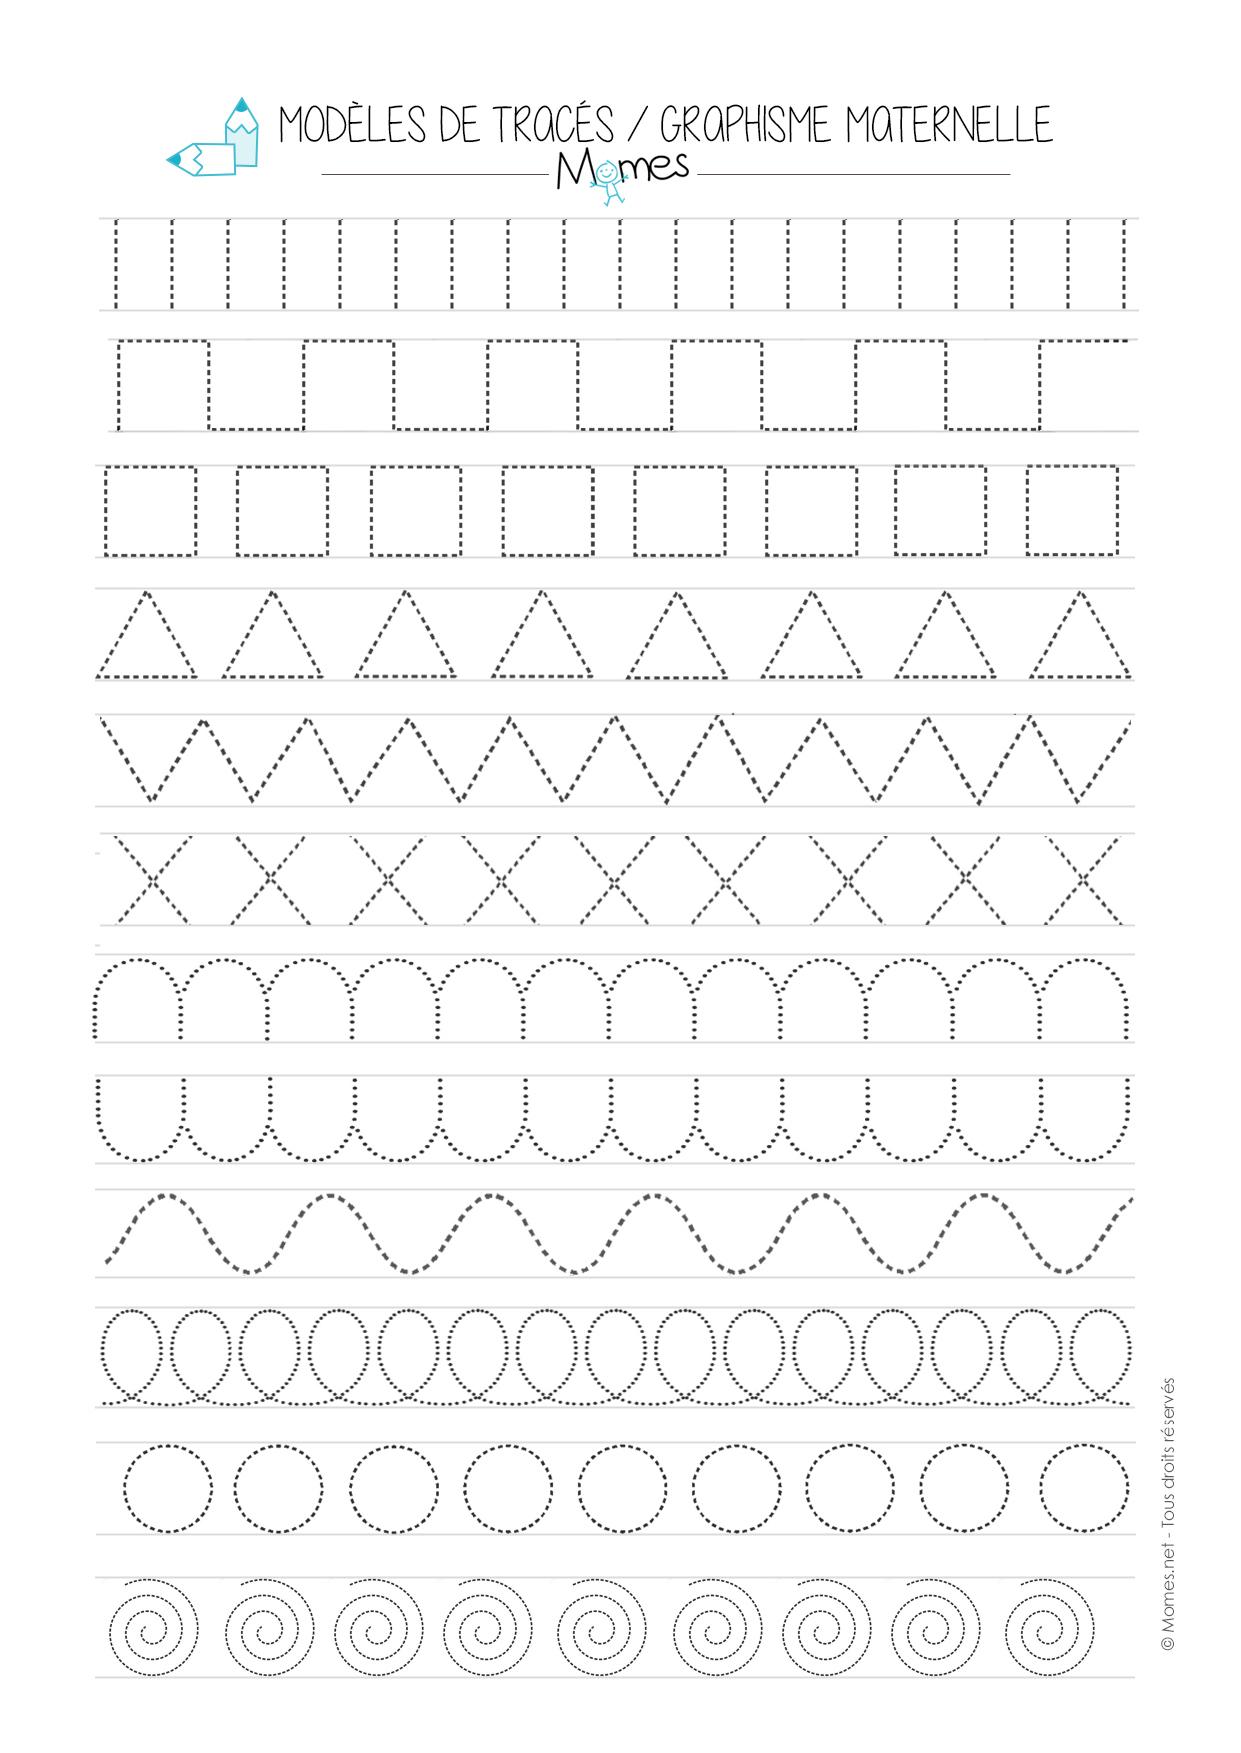 Modèles De Graphisme En Pointillé - Momes dedans Graphisme Maternelle A Imprimer Gratuit